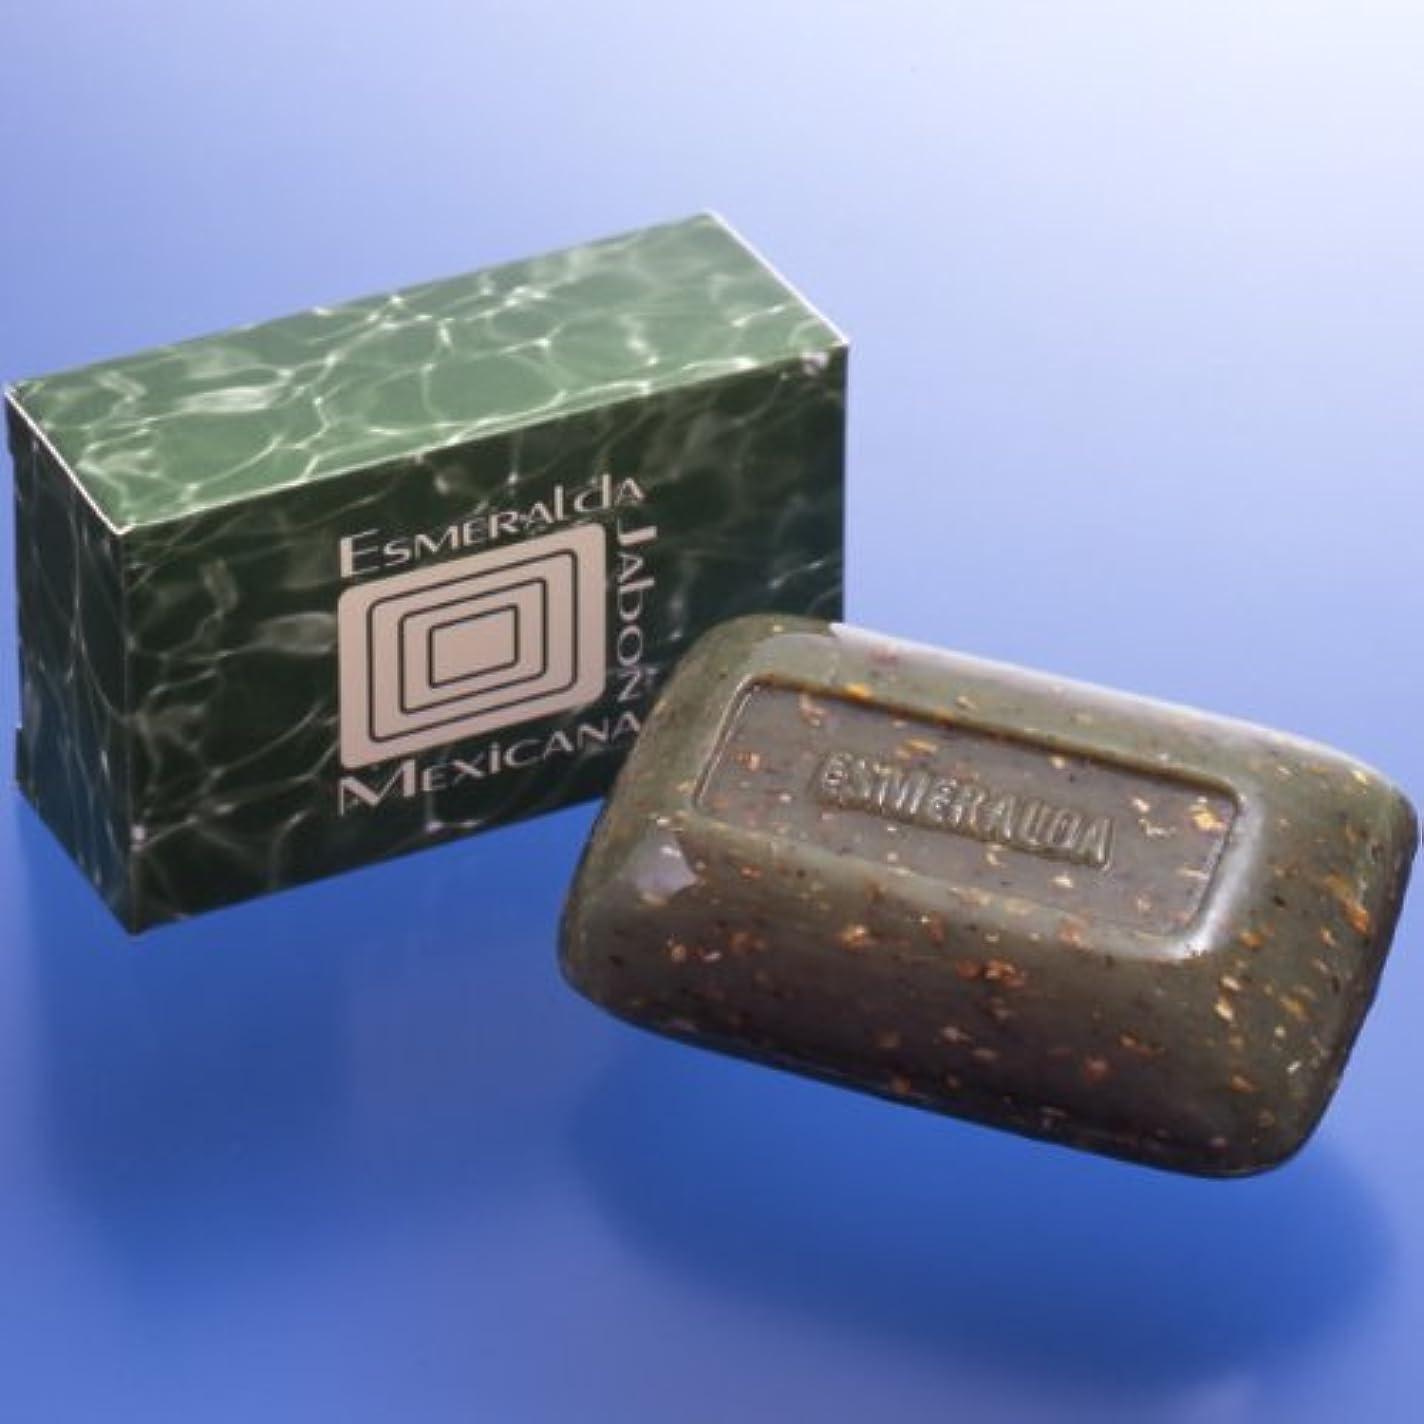 スナッチ食物イソギンチャクメキシコで大人気のシミ取り石鹸『エスメラルダ?ハボン?メキシカーナ』